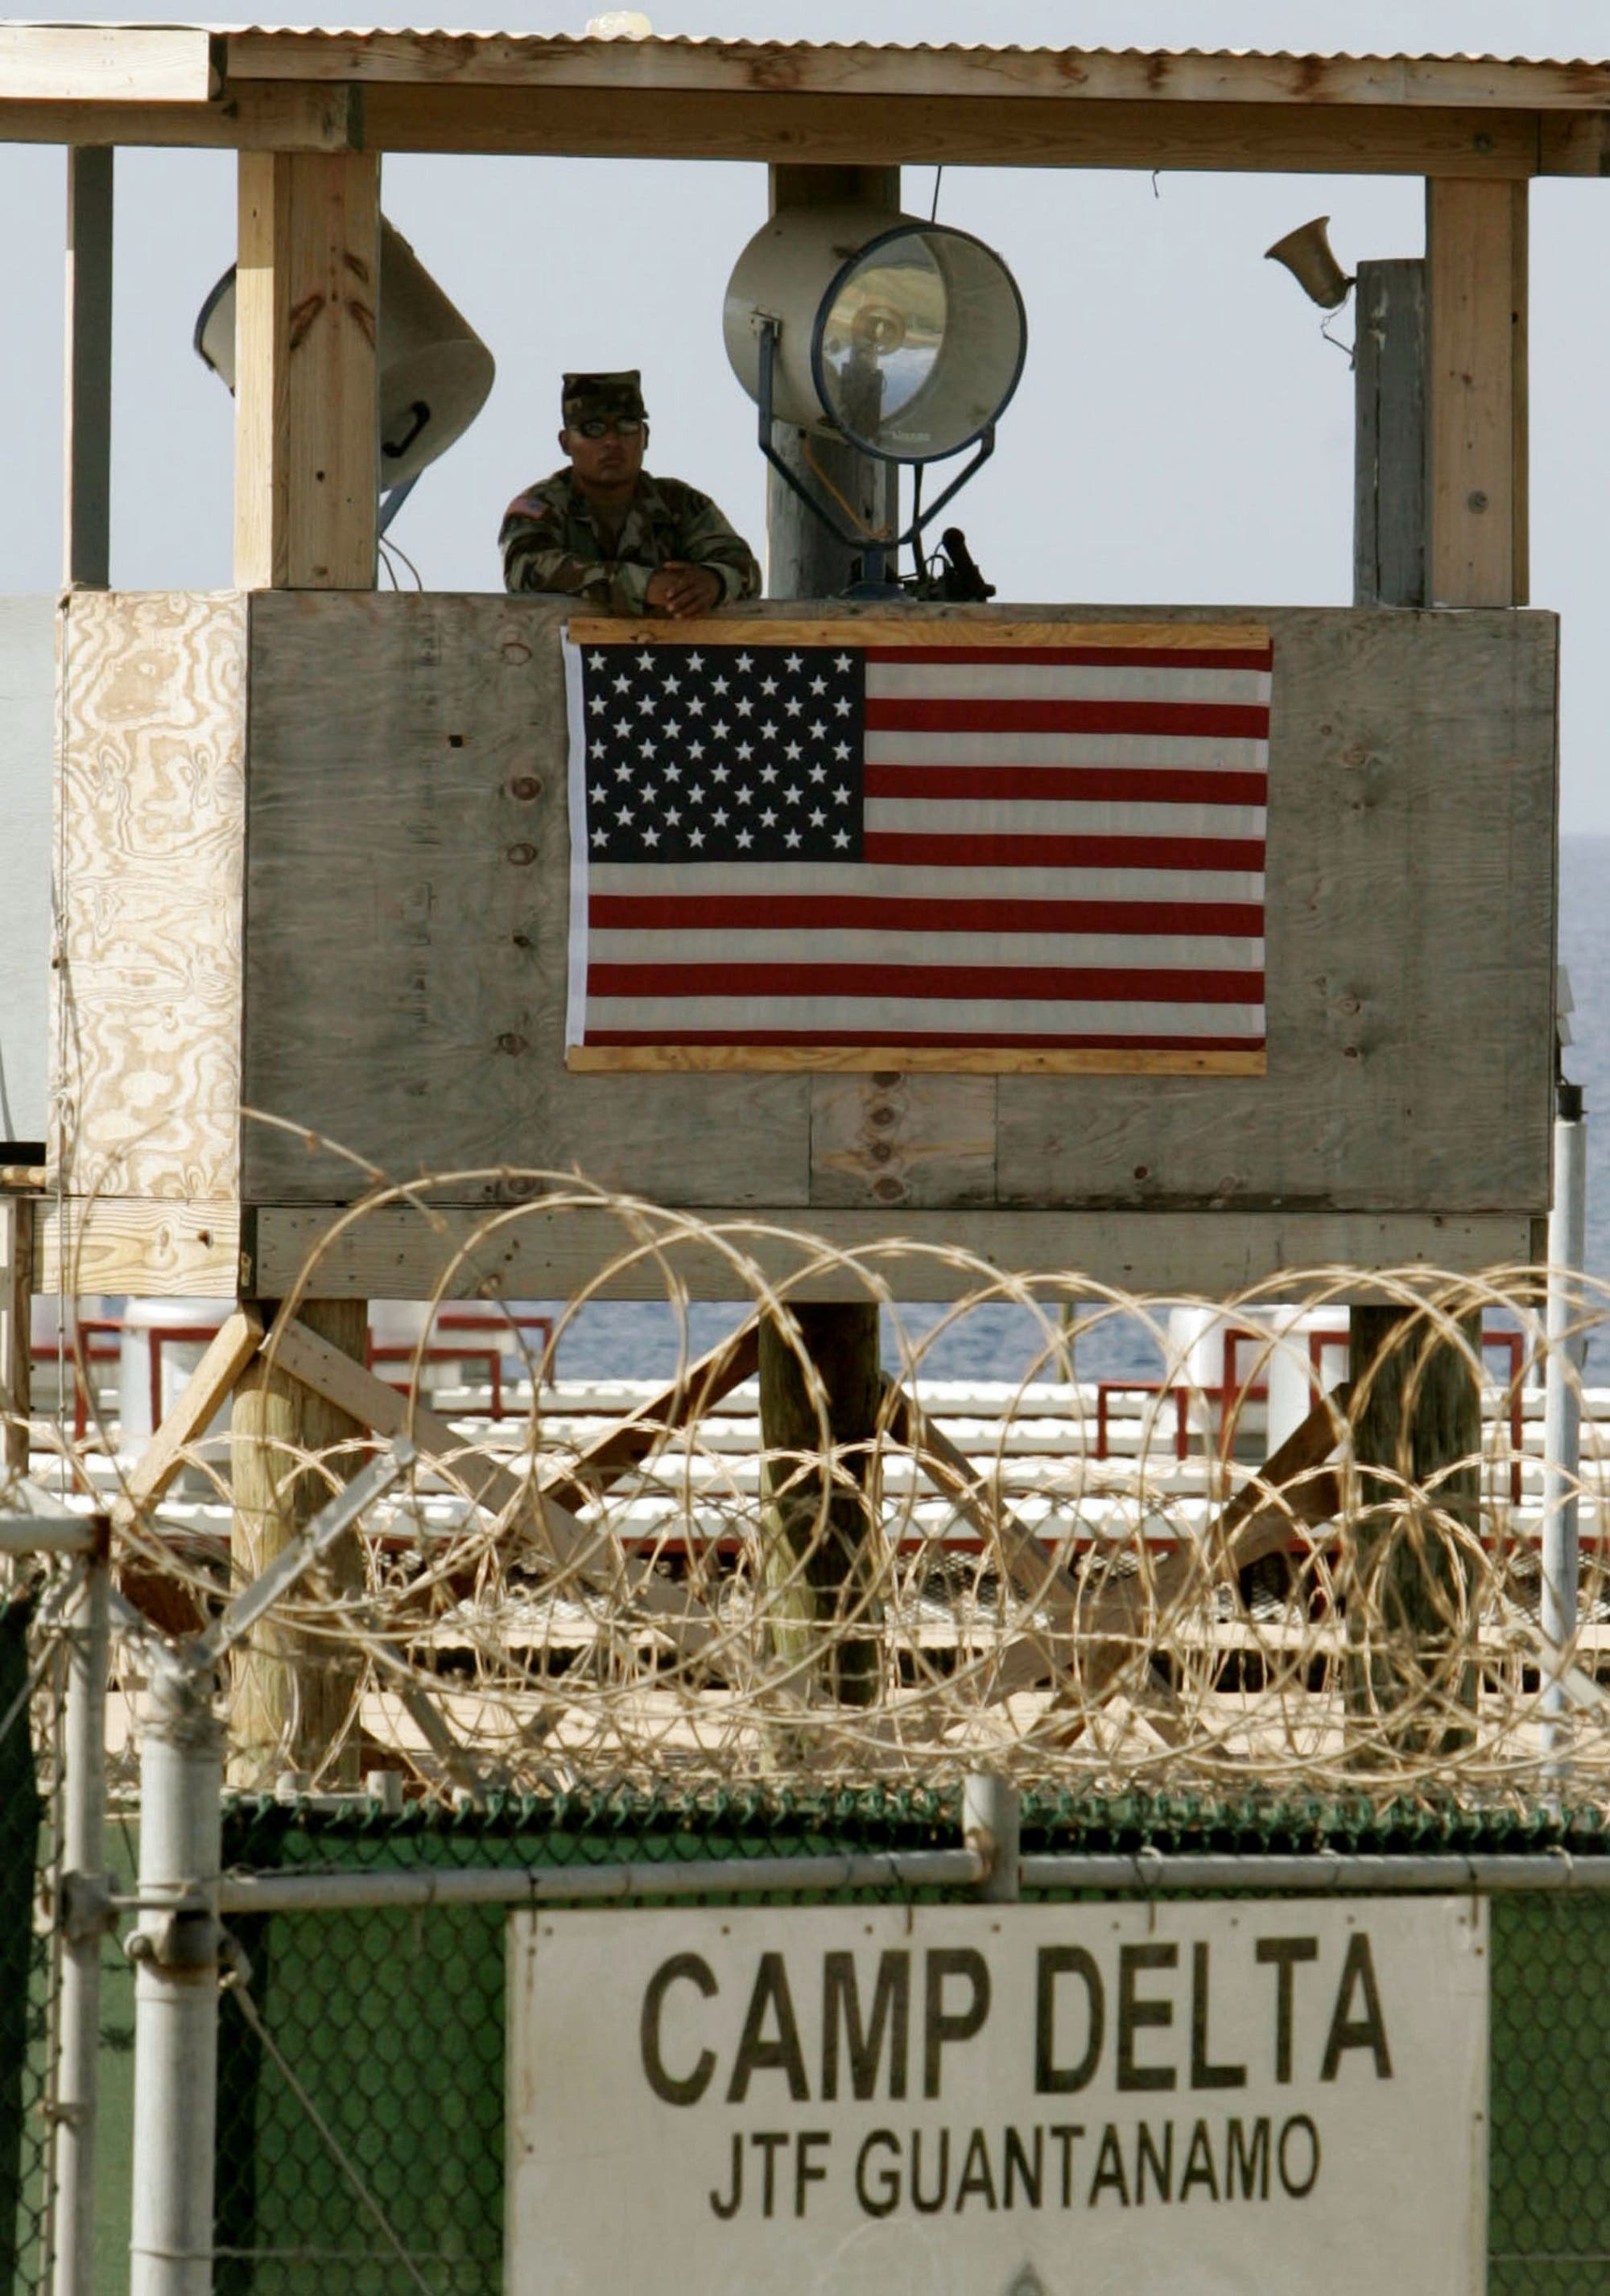 برج مراقبة على سور معتقل غوانتانامو (أرشيفية من رويترز)